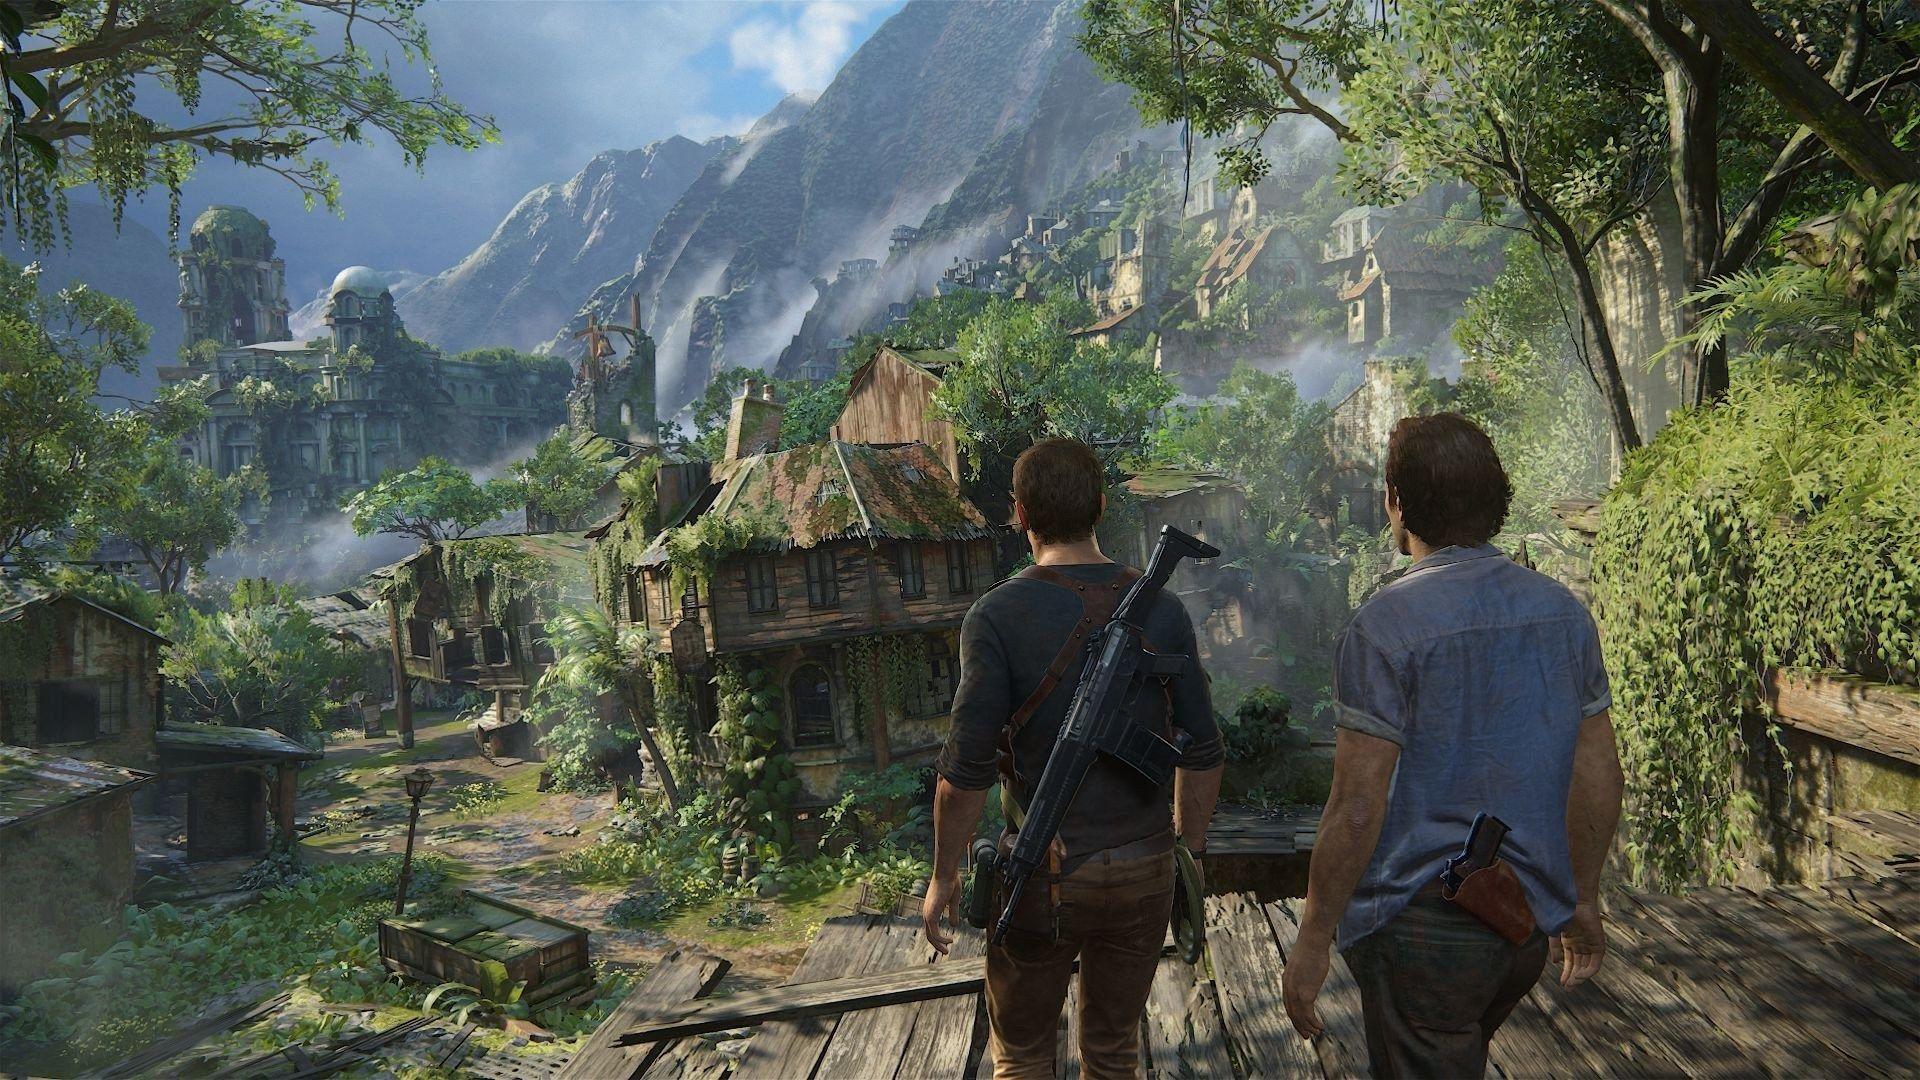 Технический директор The Last of Us Part 2 показал, почему SSD в PS5 так важен для графики